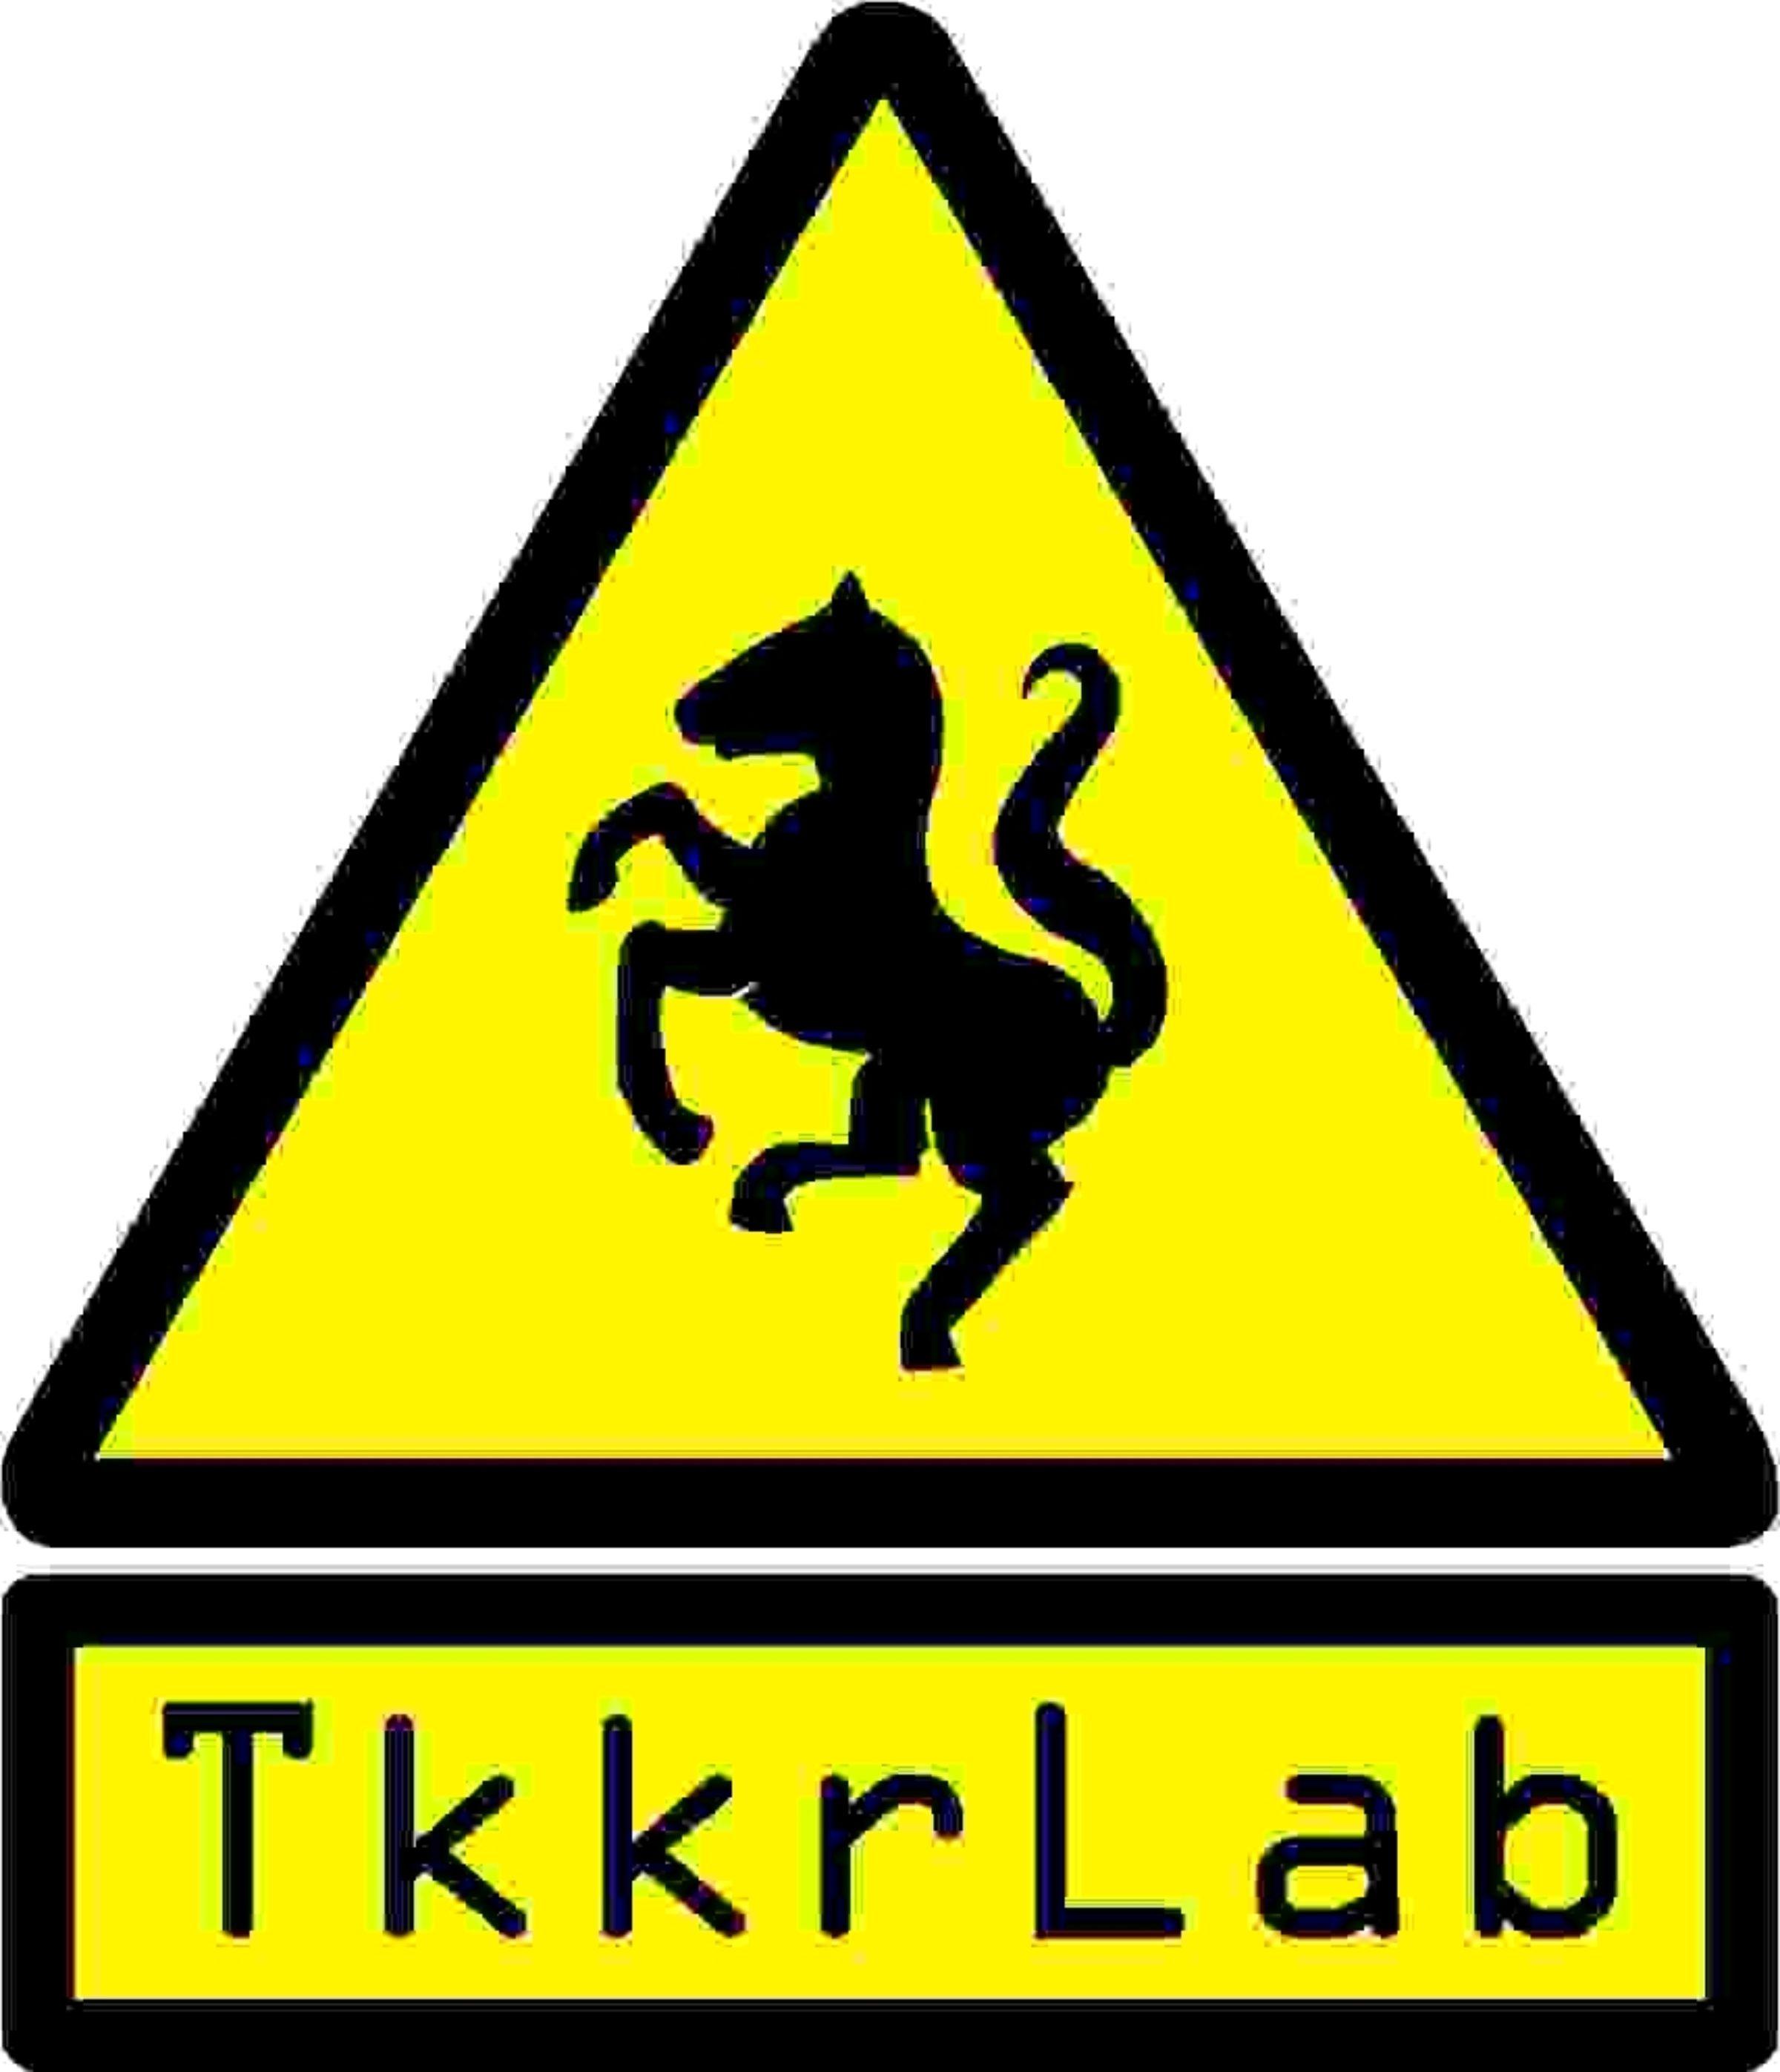 Tkkr Lab Txt Big